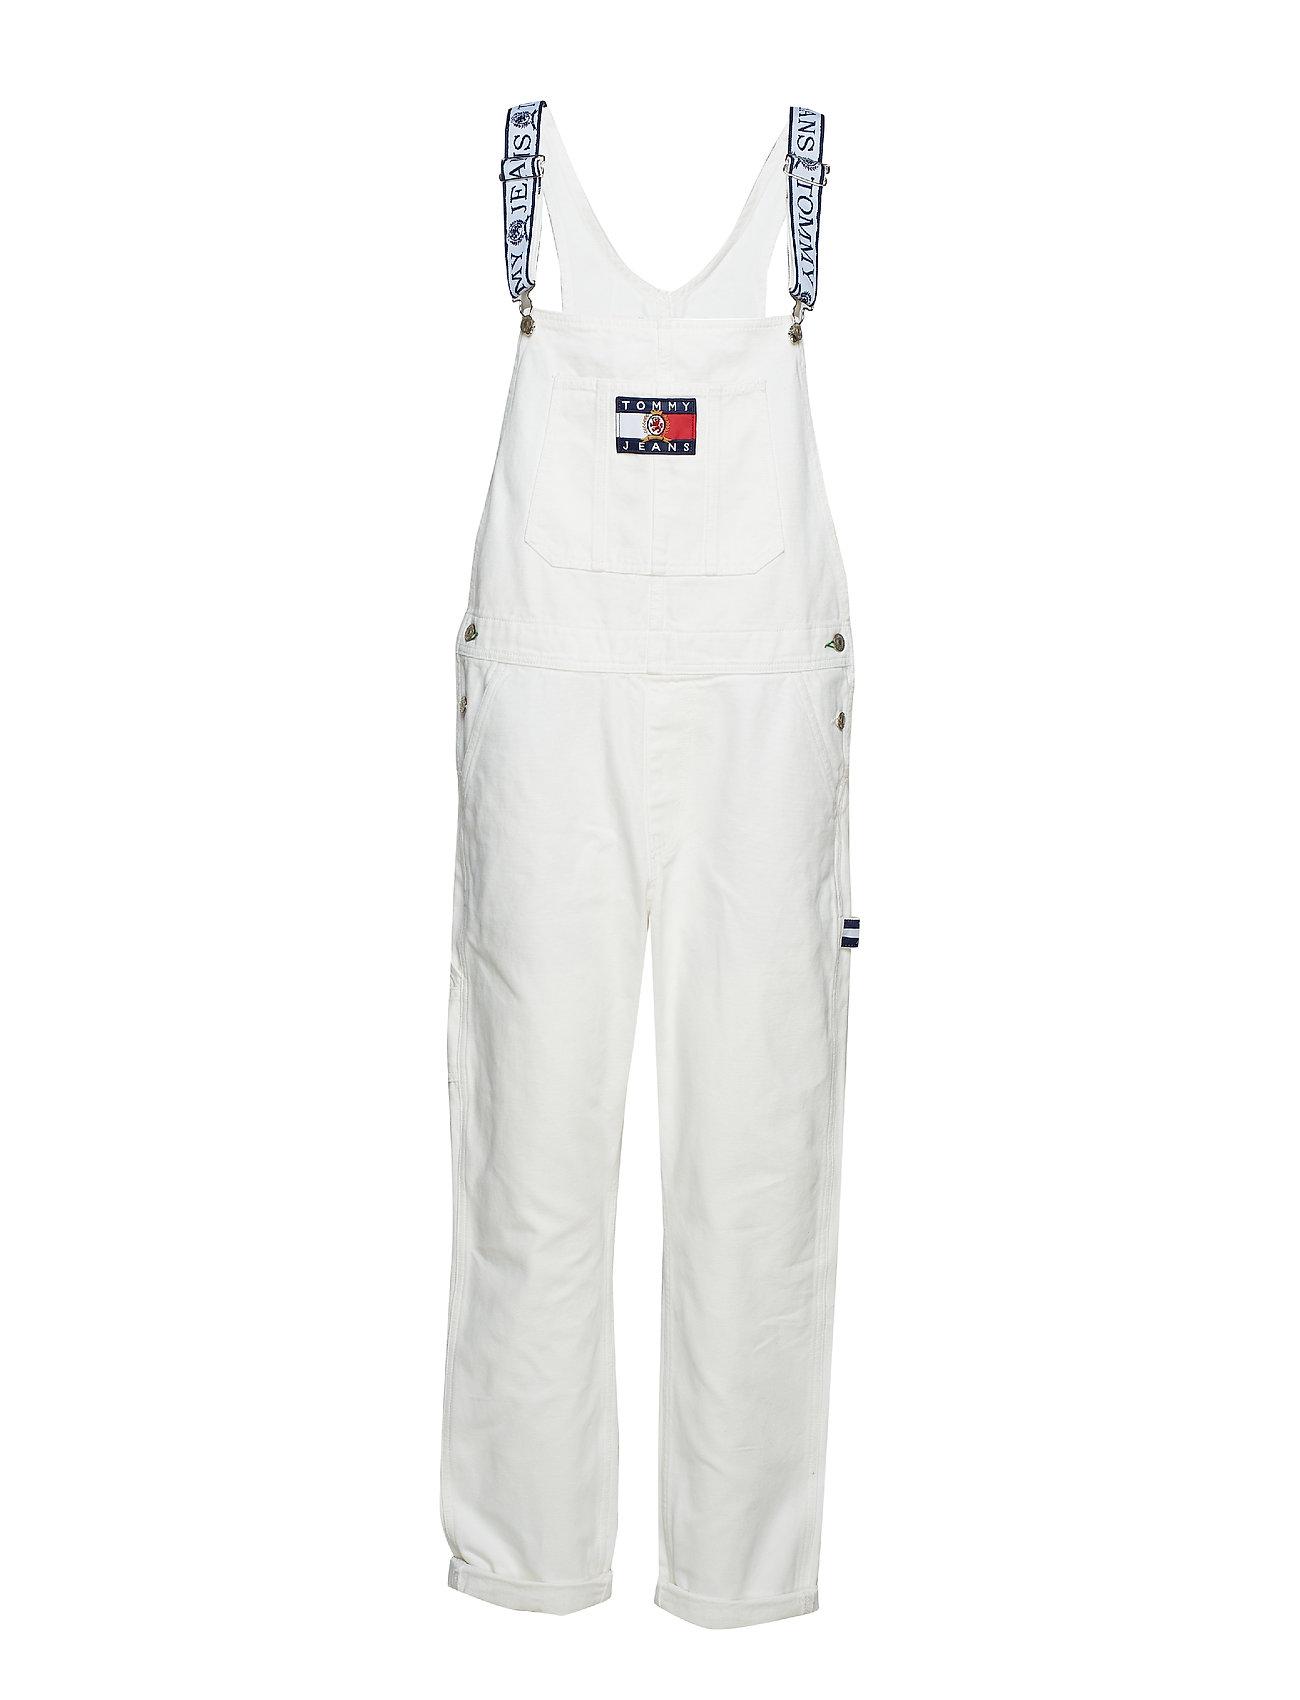 Dungcloud Denim Crest Tjm DancerTommy Jeans 5A4RjL3